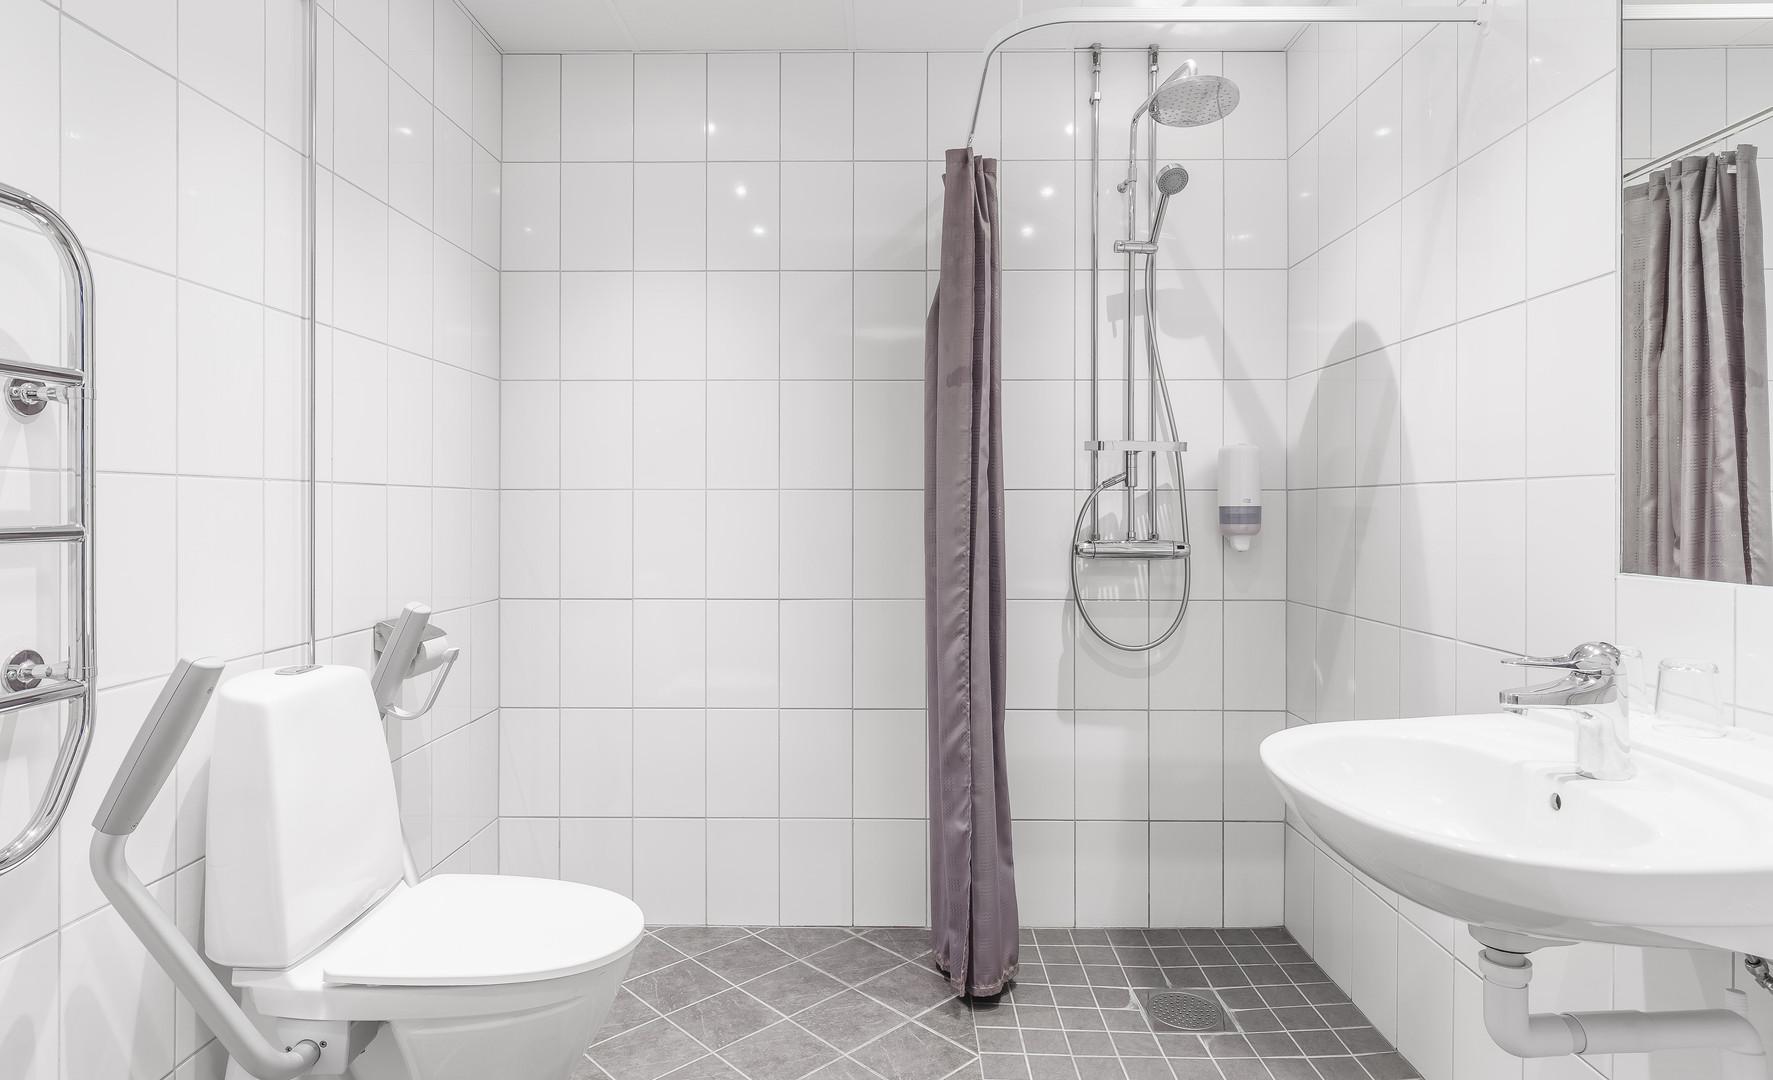 Dubbelrum funktionsanpassat, dusch och toalett